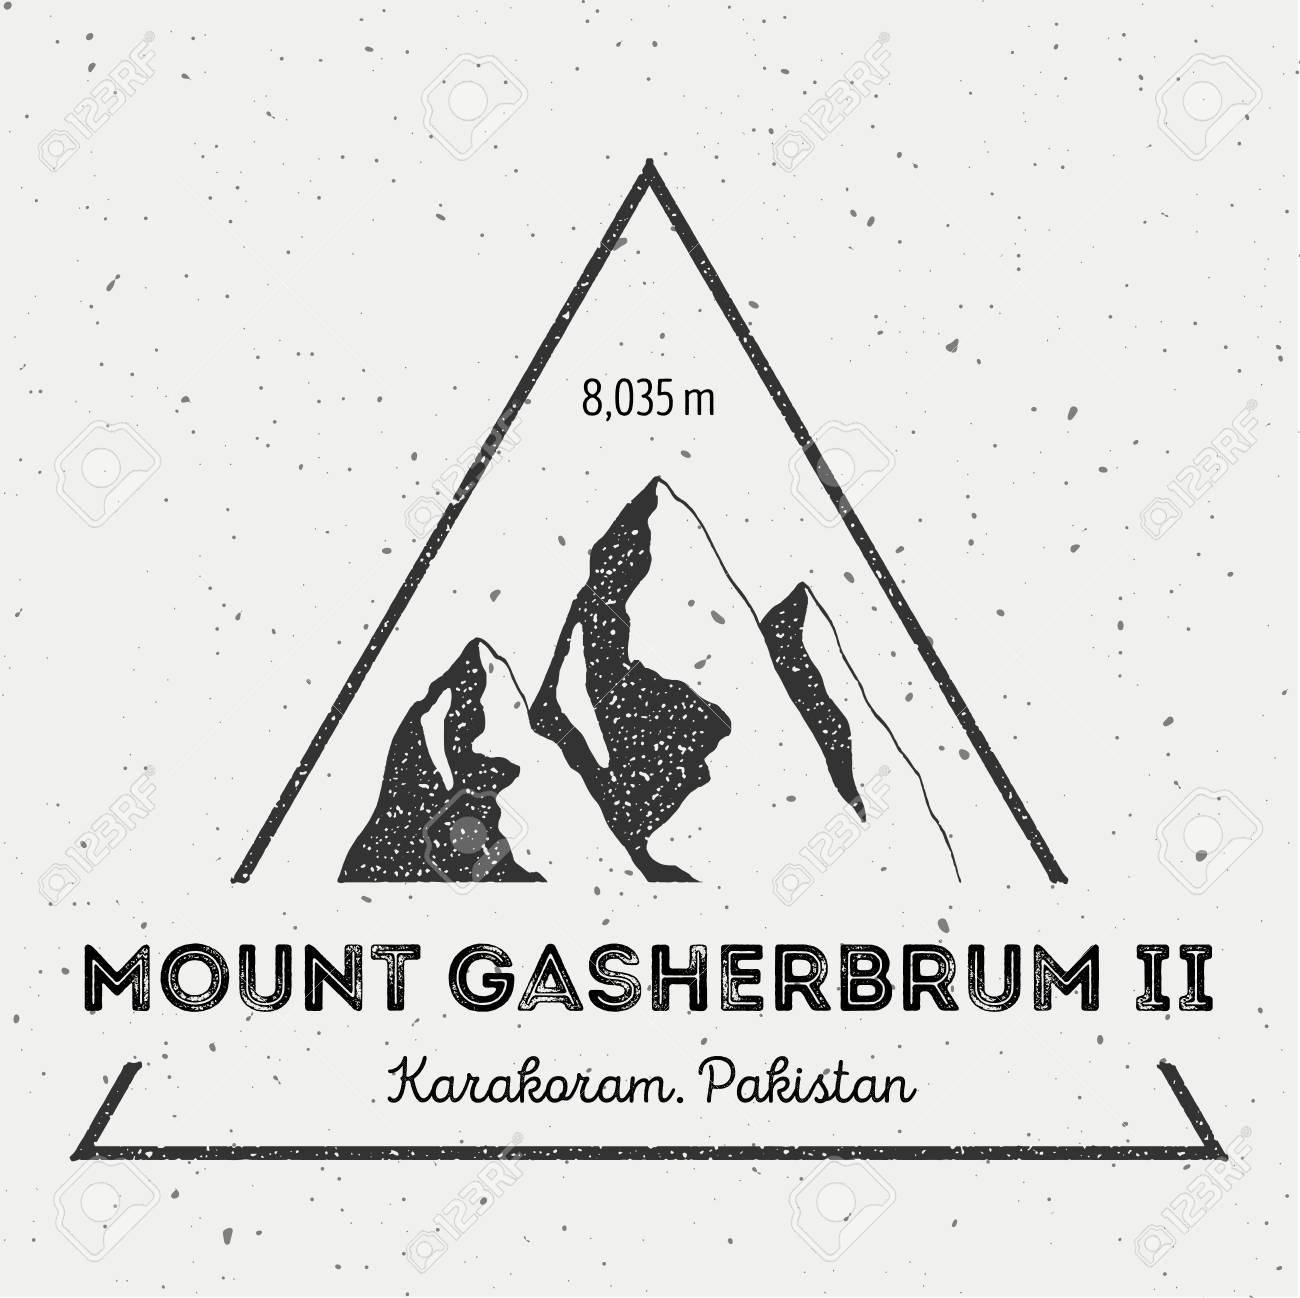 ガッシャーブルム II 峰カラコルム、パキスタンの屋外の冒険のロゴ ...